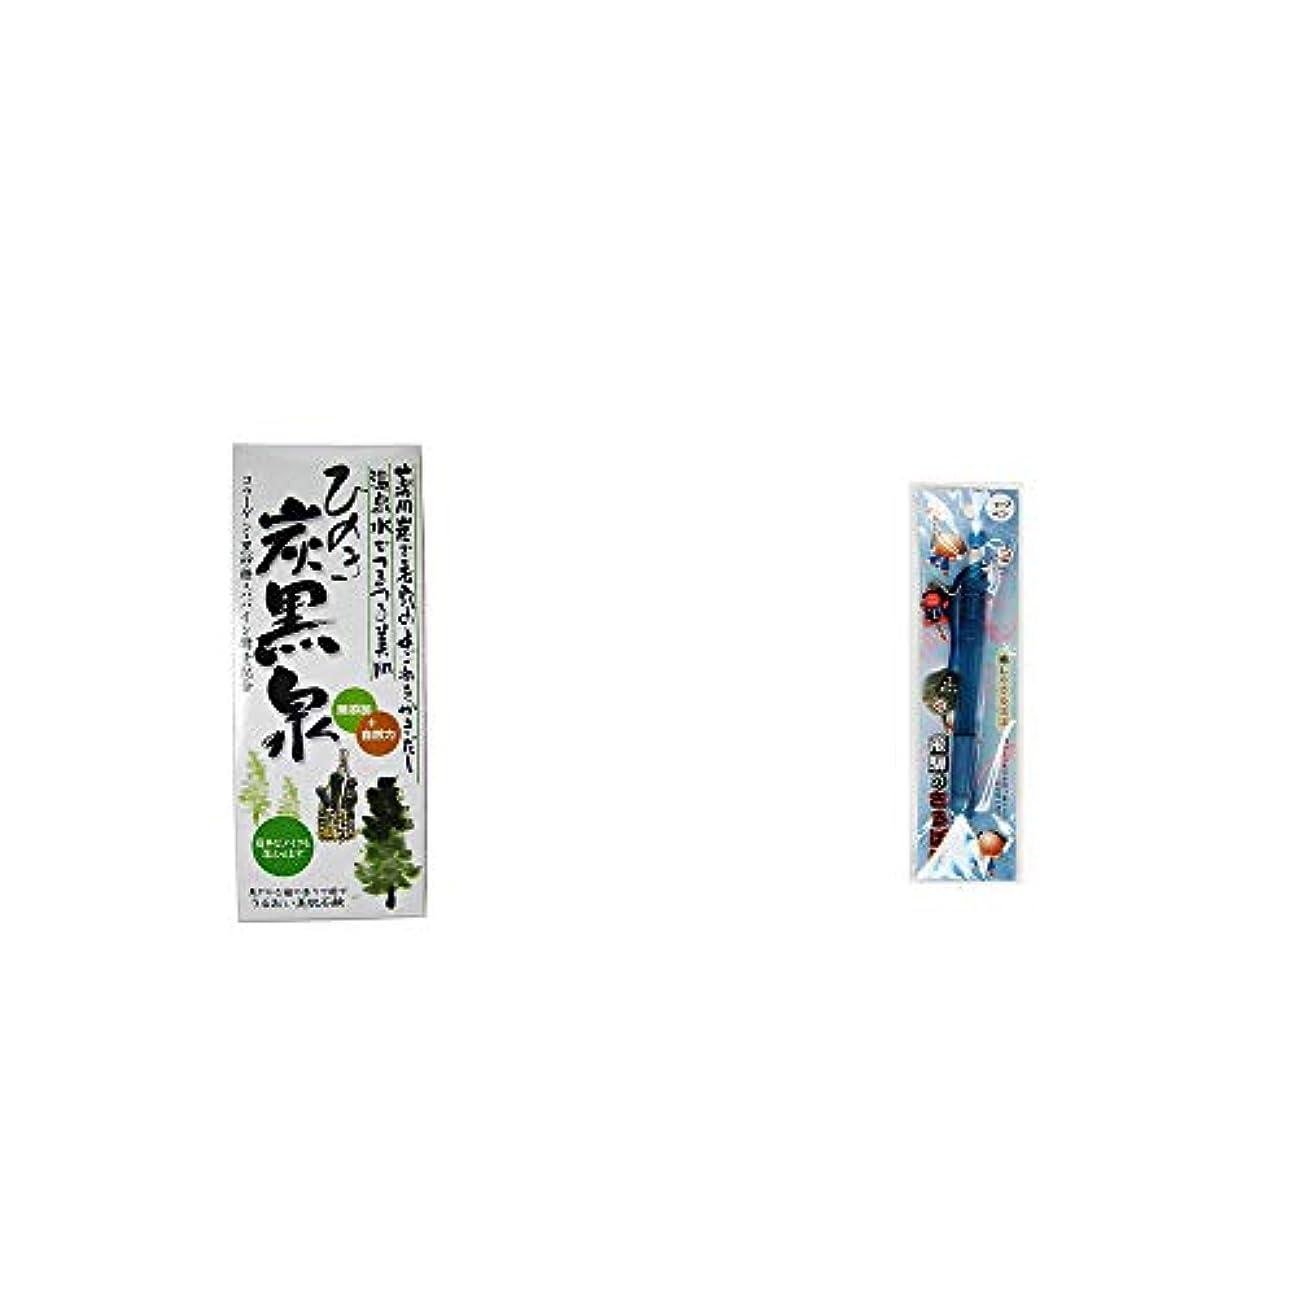 噴火パターン不実[2点セット] ひのき炭黒泉 箱入り(75g×3)?さるぼぼ 癒しシャープペン 【ブルー】